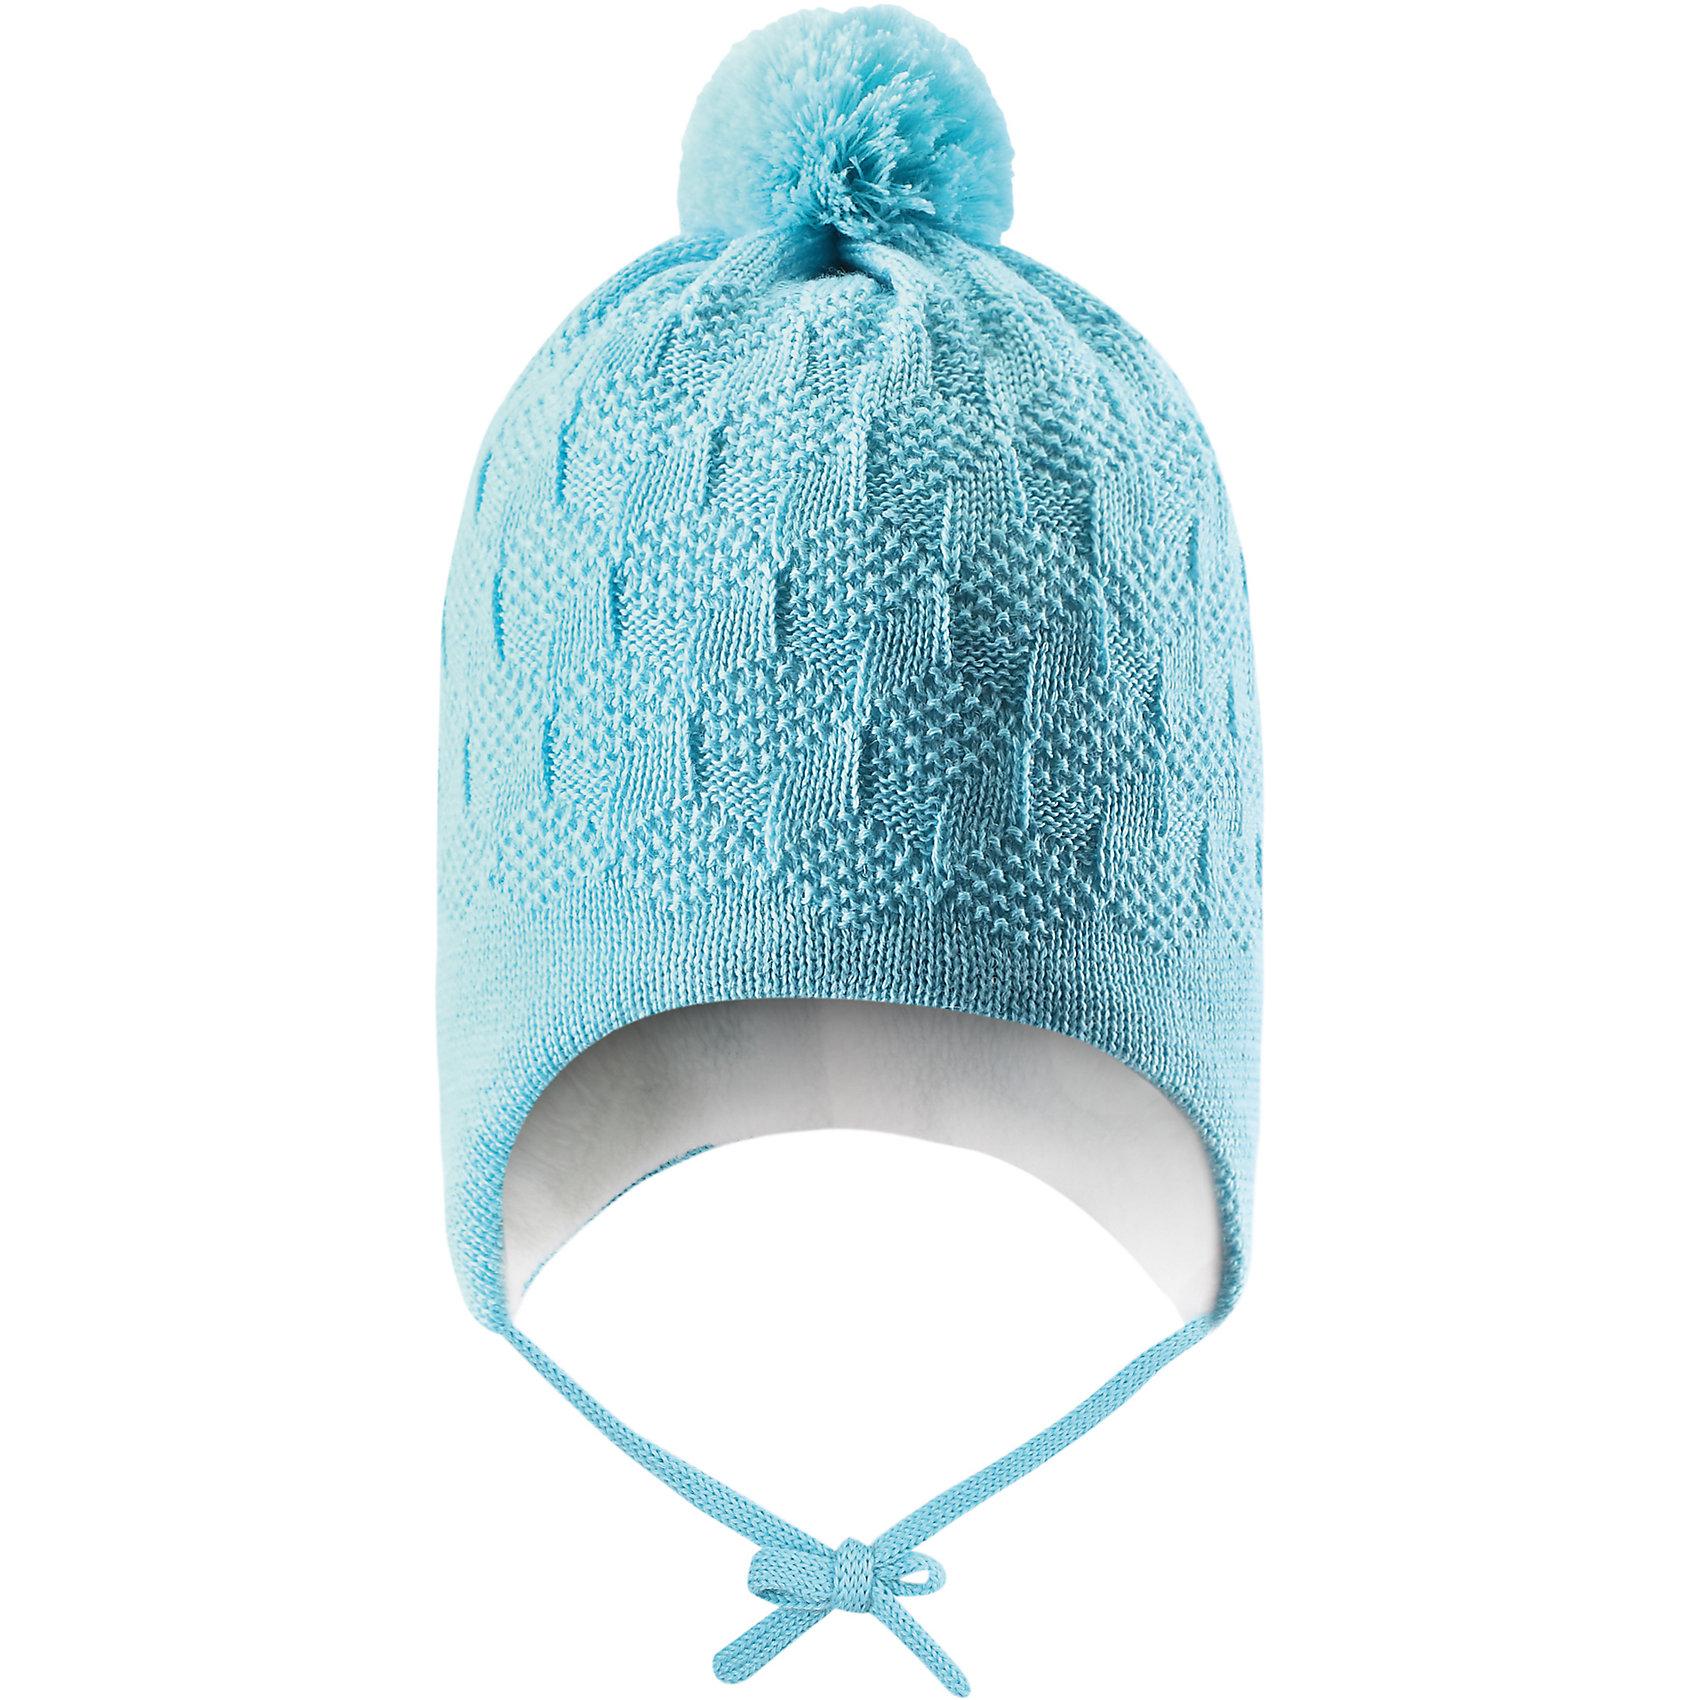 Шапка для мальчика LASSIE by ReimaШапка для мальчика от финской марки LASSIE by Reima (Ласси от Рейма).<br>Зимняя полушерстяная шапка на флисе. <br><br>Дополнительная информация:<br><br>Температурный режим -10.<br>Состав: 50% Шерсть, 50% ПАН<br><br>Шапку для мальчика LASSIE by Reima (Ласси от Рейма) можно купить в нашем магазине.<br><br>Ширина мм: 89<br>Глубина мм: 117<br>Высота мм: 44<br>Вес г: 155<br>Цвет: голубой<br>Возраст от месяцев: 6<br>Возраст до месяцев: 12<br>Пол: Мужской<br>Возраст: Детский<br>Размер: 44-46,42-44,46-48,50-52<br>SKU: 4218342